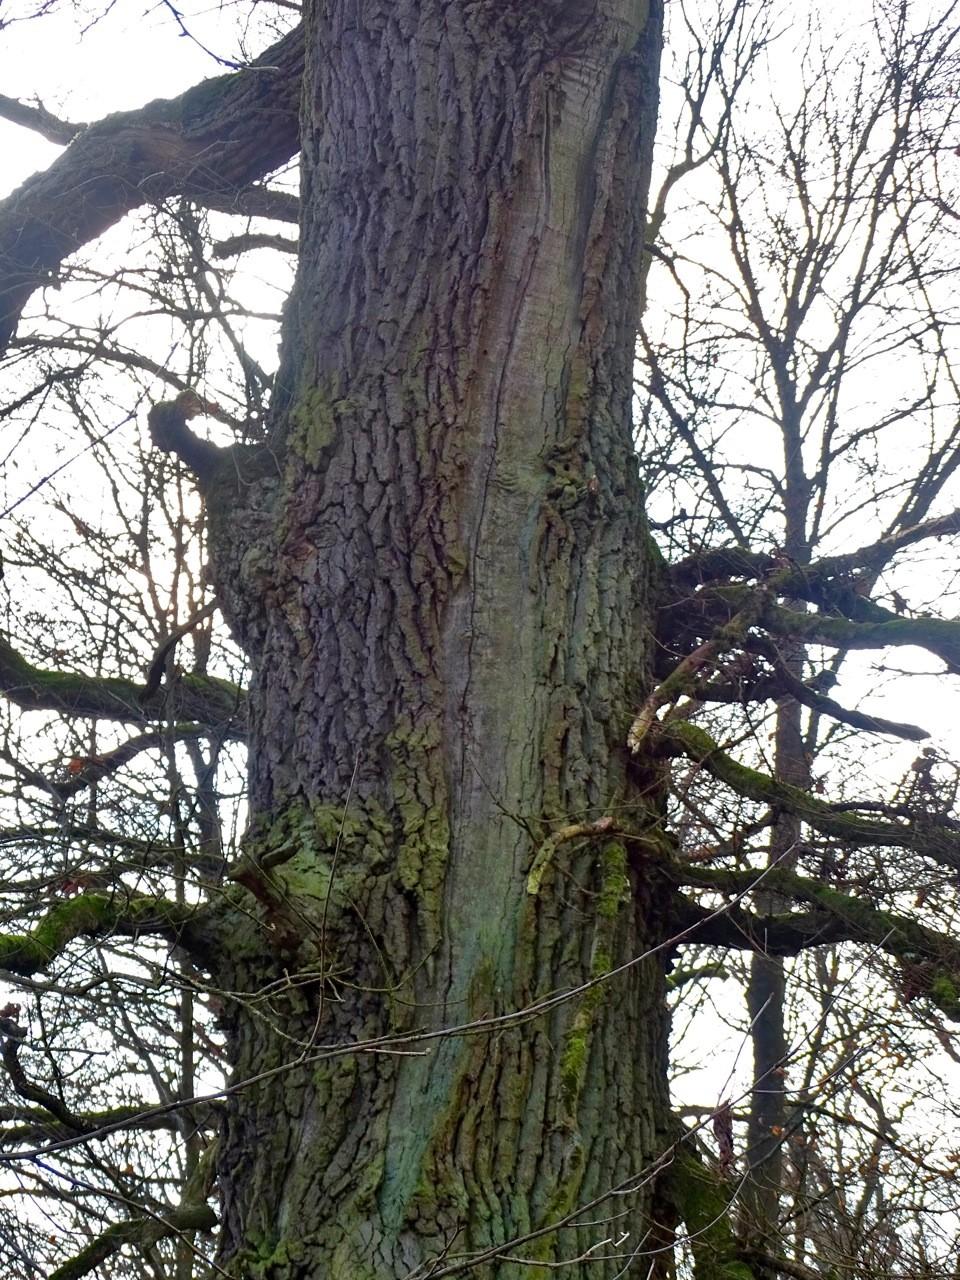 Eine Blitzschlag teilte einst diese Eiche im Kubacher Holz. Die Blitzrinne ist nie wieder richtig zugewachsen, erläuterte Volker Vömel.